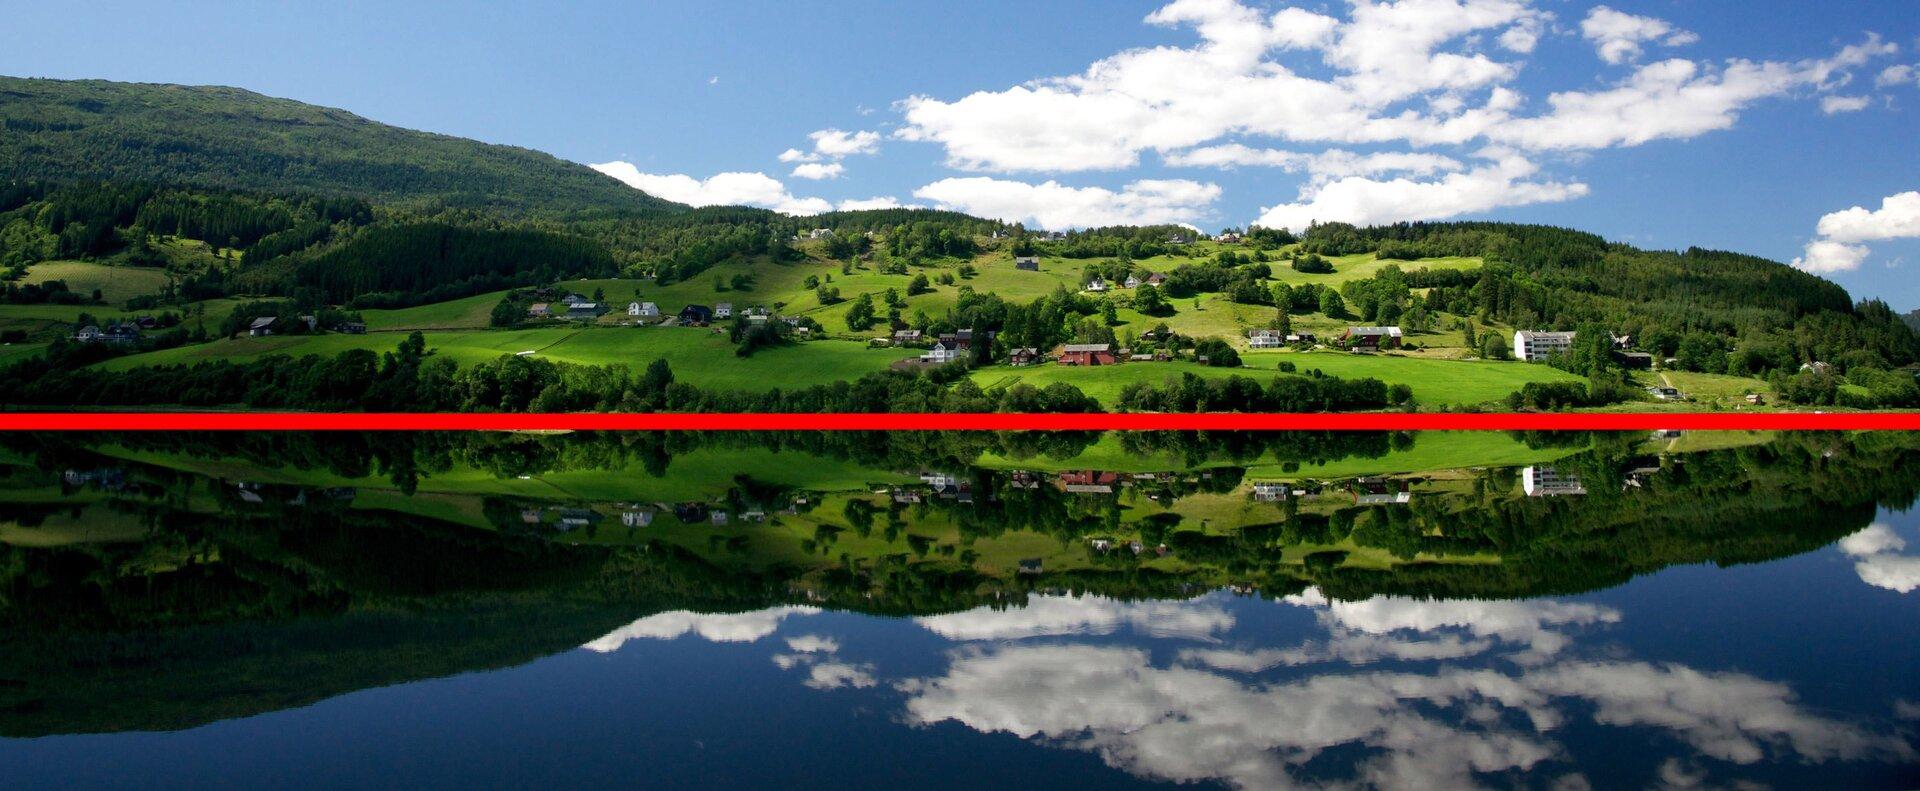 Zdjęcie wzniesienia iodbicia tego wzniesienia zpoprowadzoną osią symetrii.